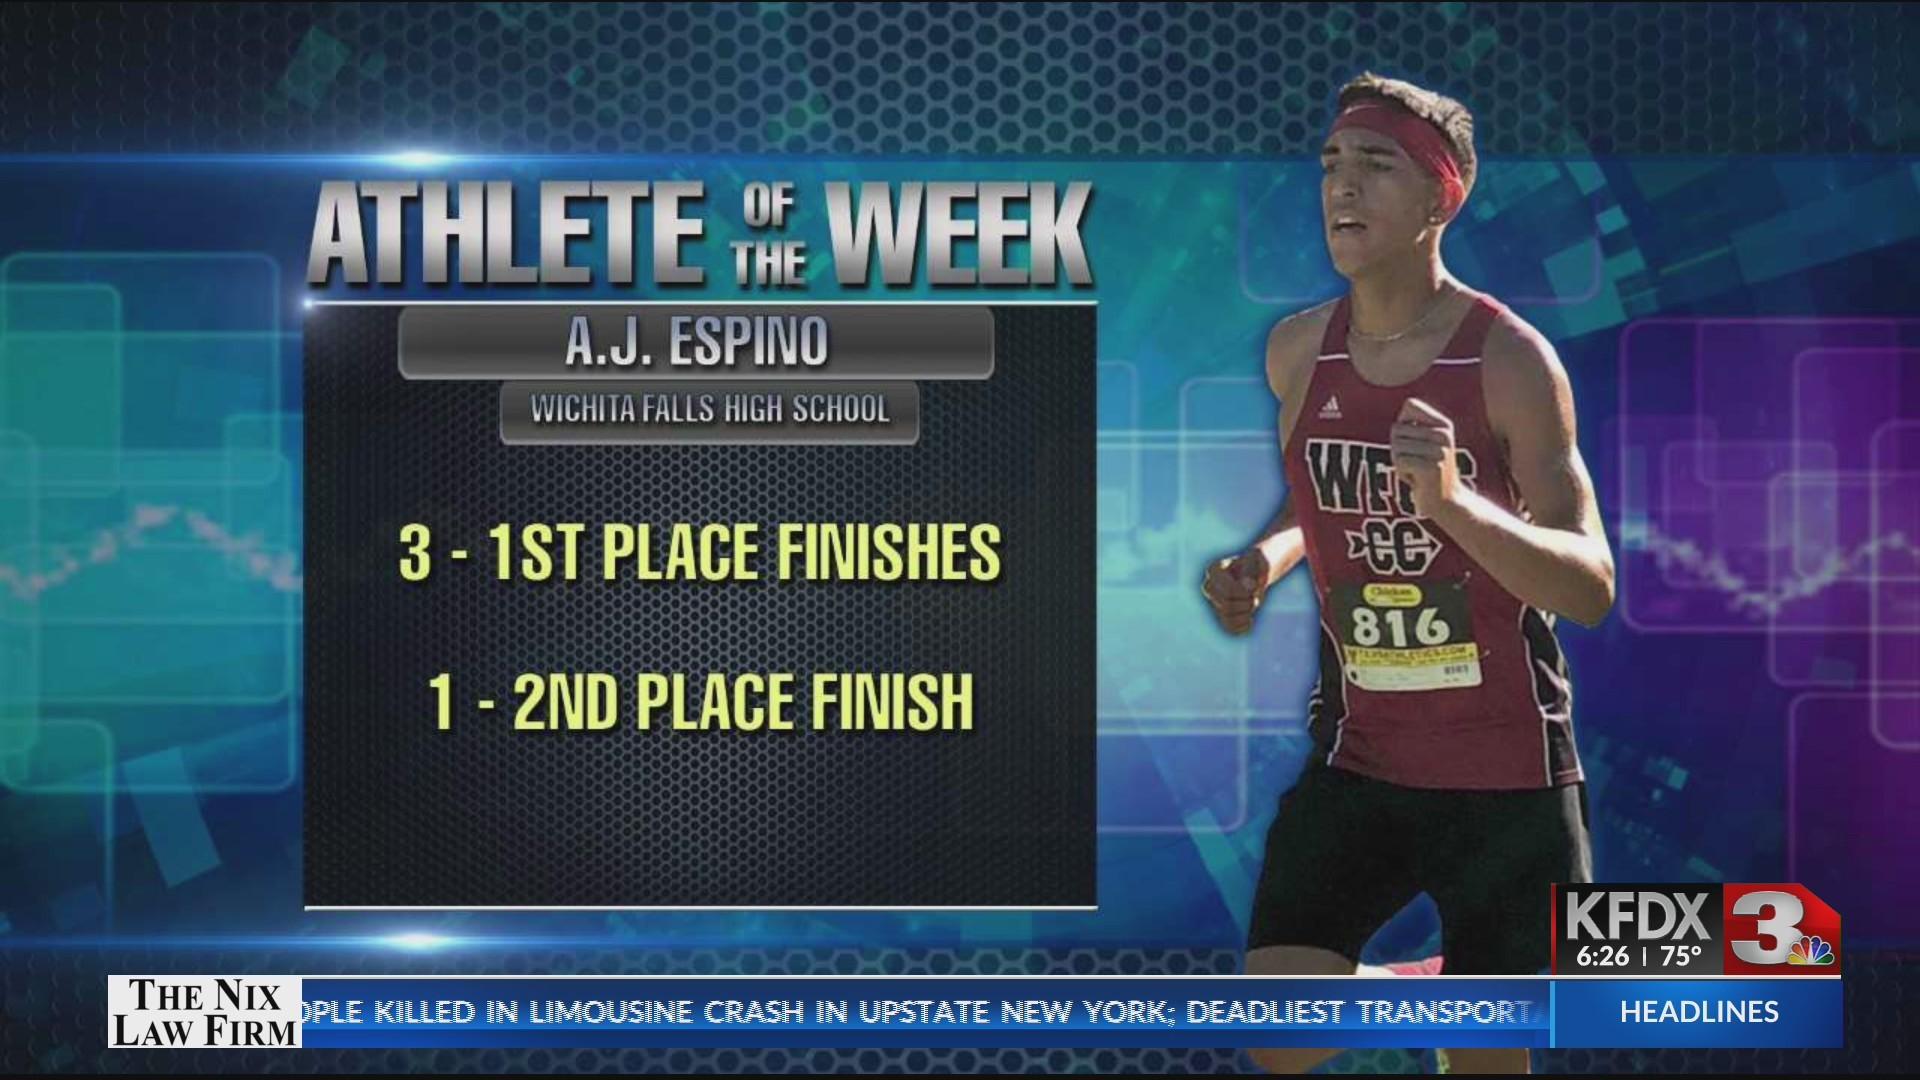 Athlete_of_the_week_0_20181009031659